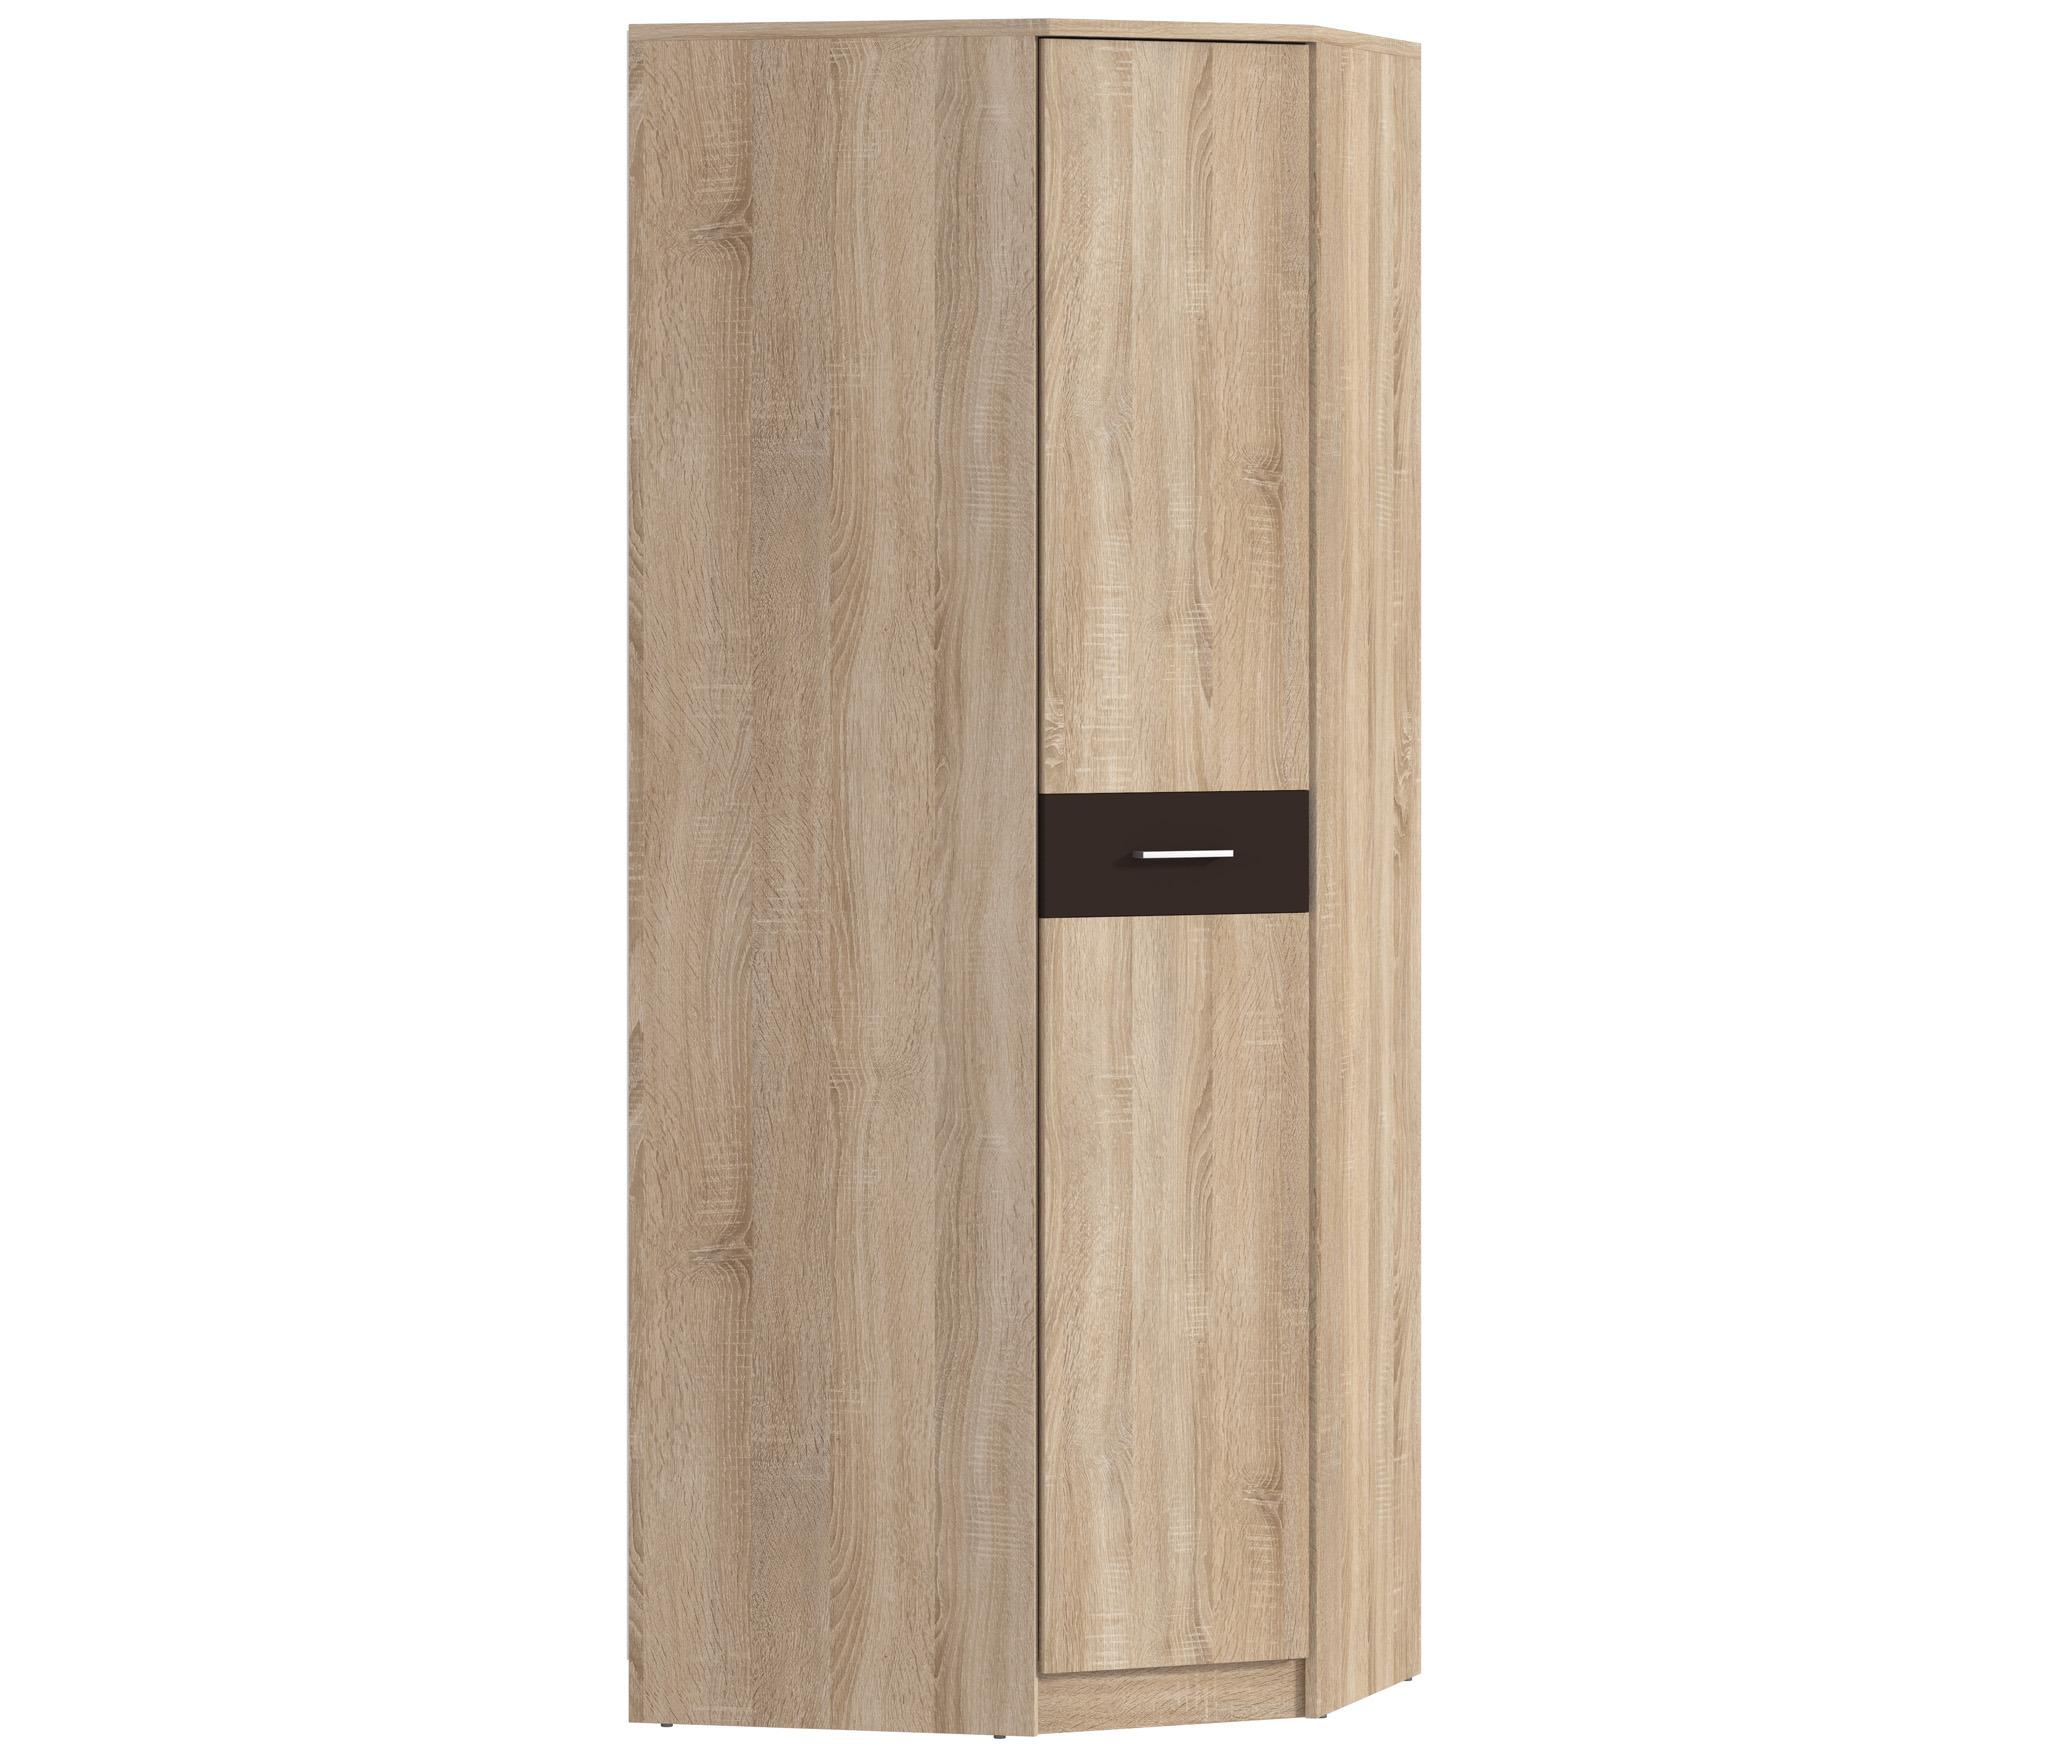 Клео СБ-2005 Шкаф угловойУгловые шкафы<br>Угловой шкаф  Клео СБ-20005  за счет компактной формы прекрасно справится с задачей экономии пространства.<br><br>Длина мм: 856<br>Высота мм: 2226<br>Глубина мм: 856